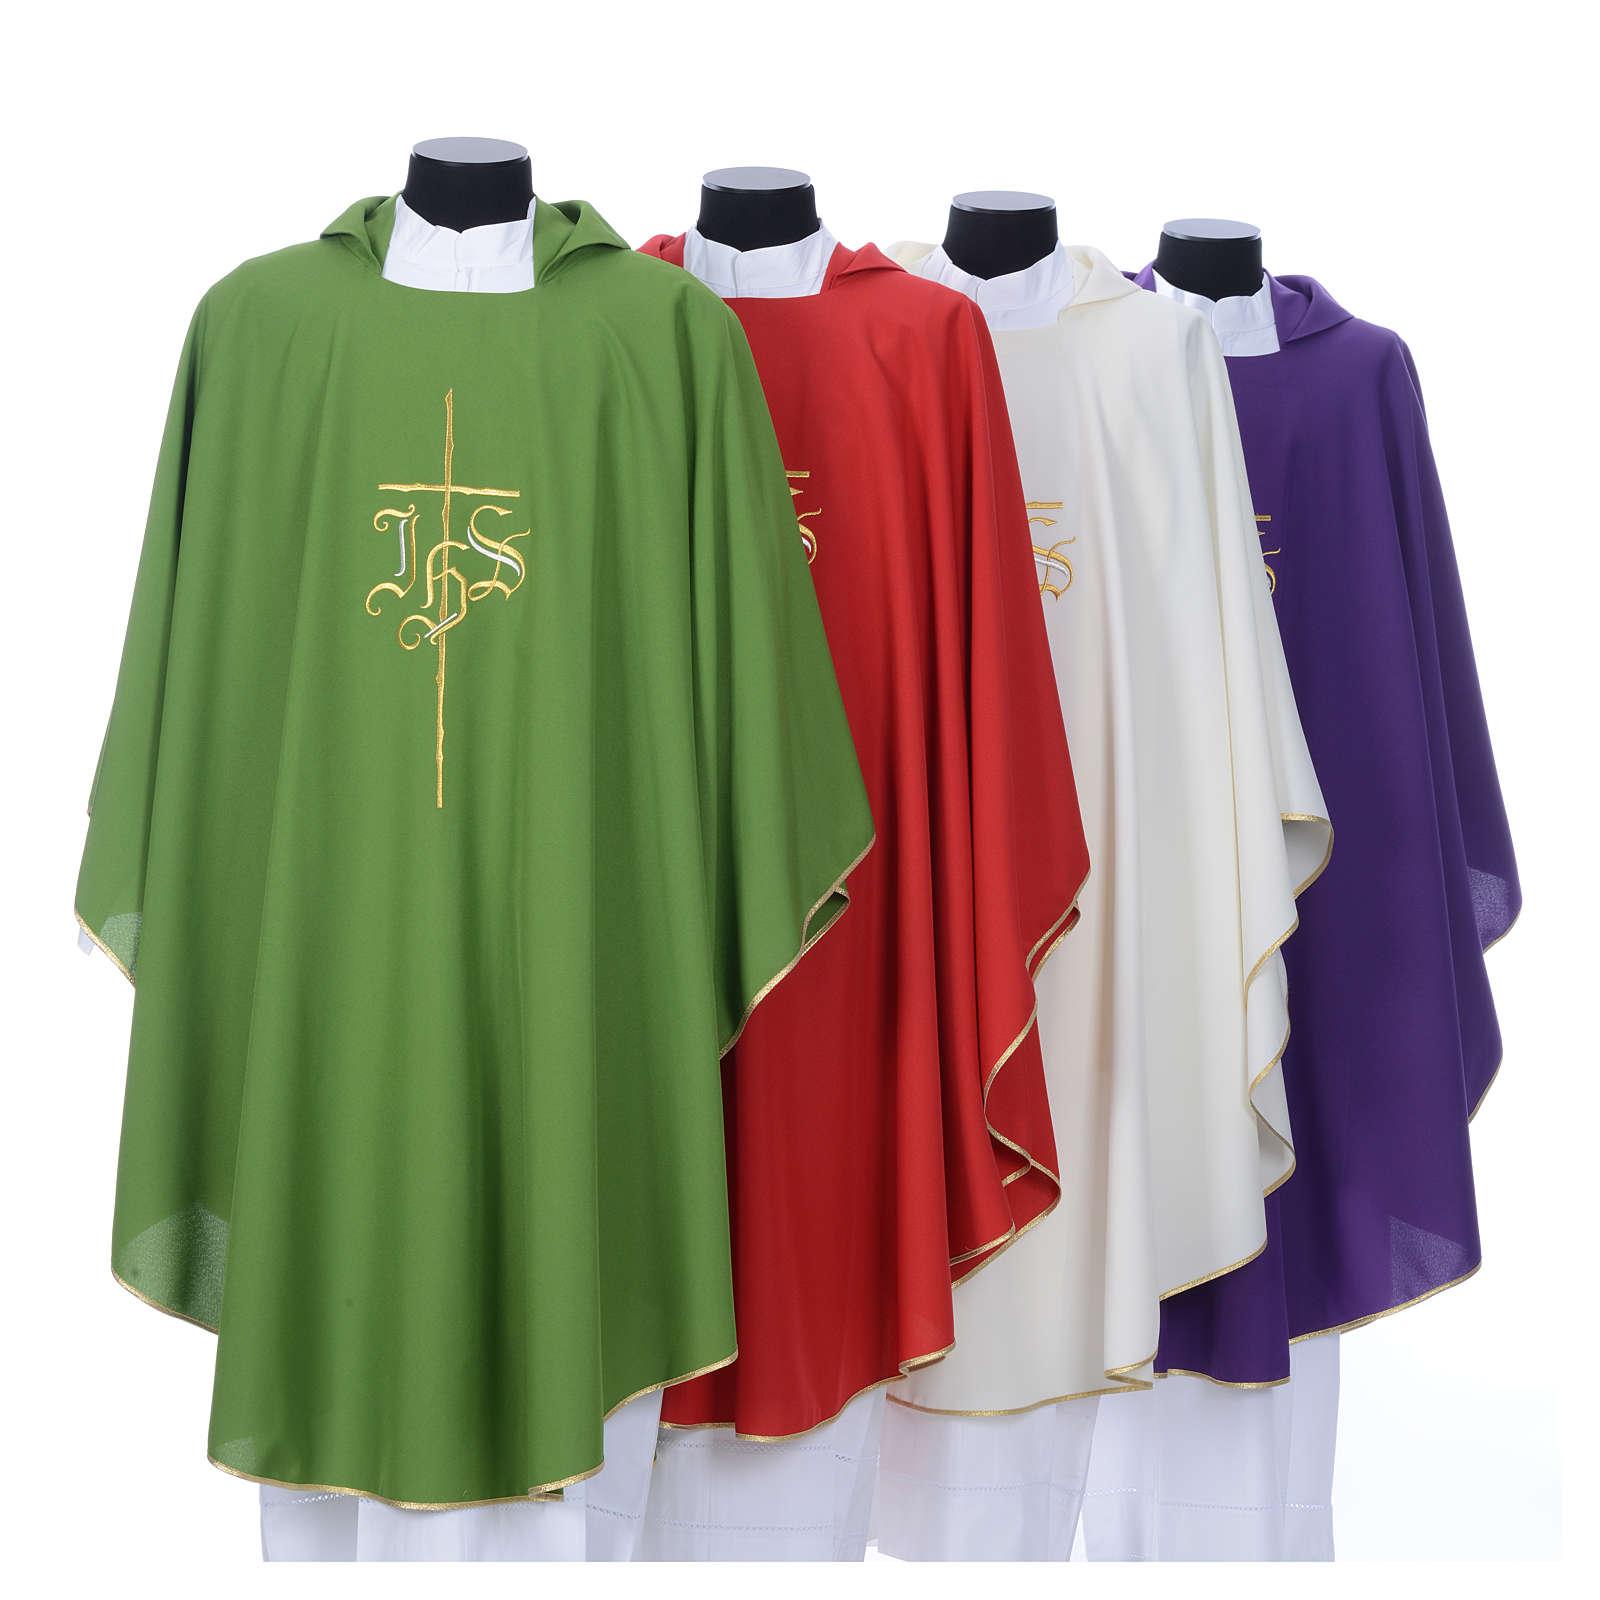 Casulla poliéster IHS crus estilizada 4 colores 4